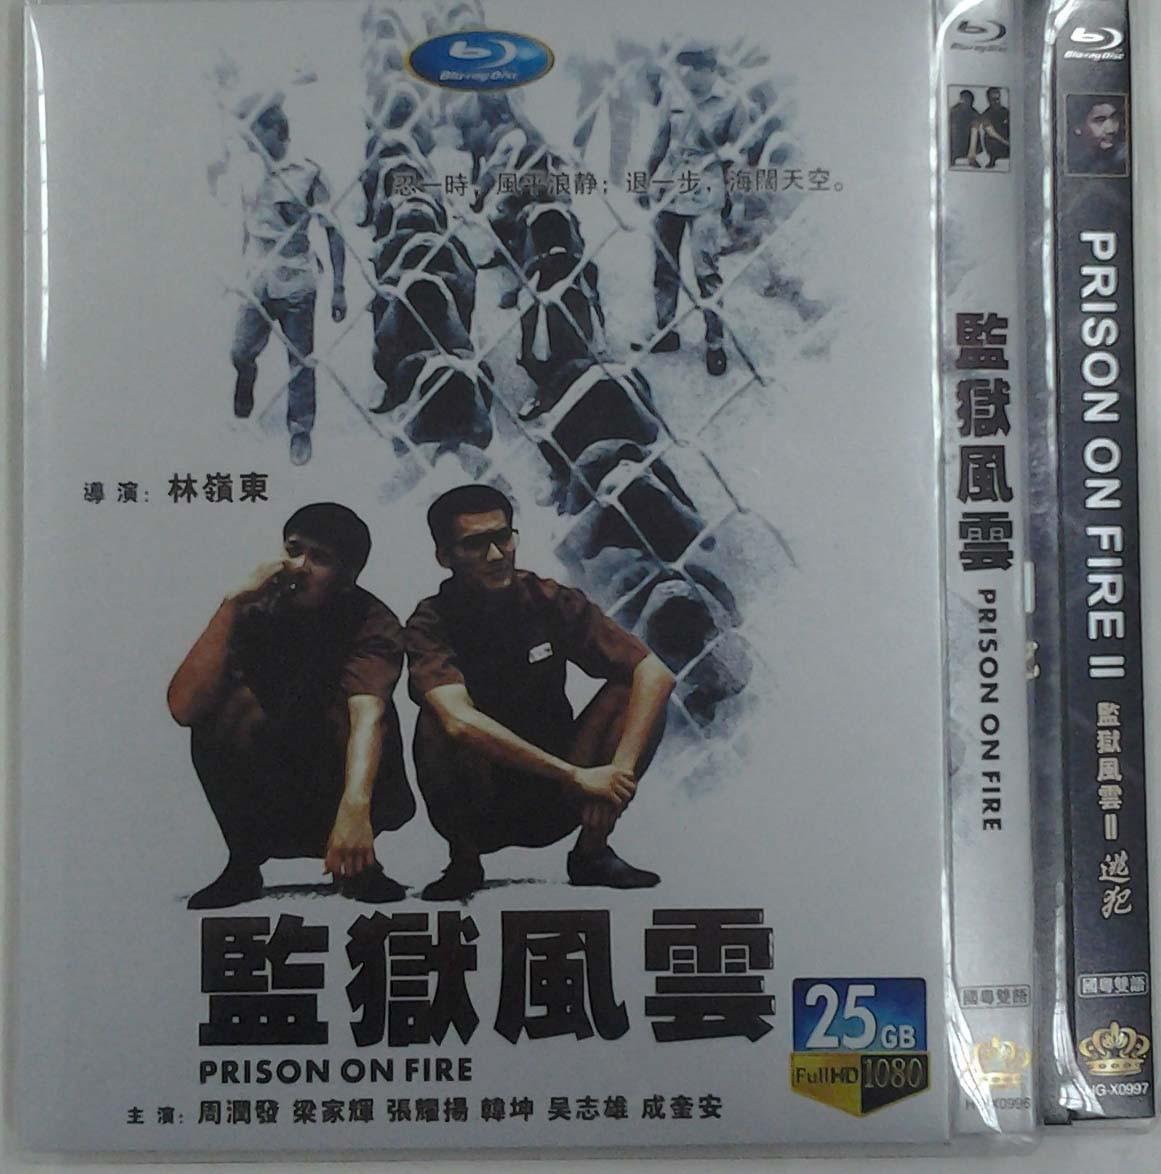 监狱风云2 国粤双语 22-023